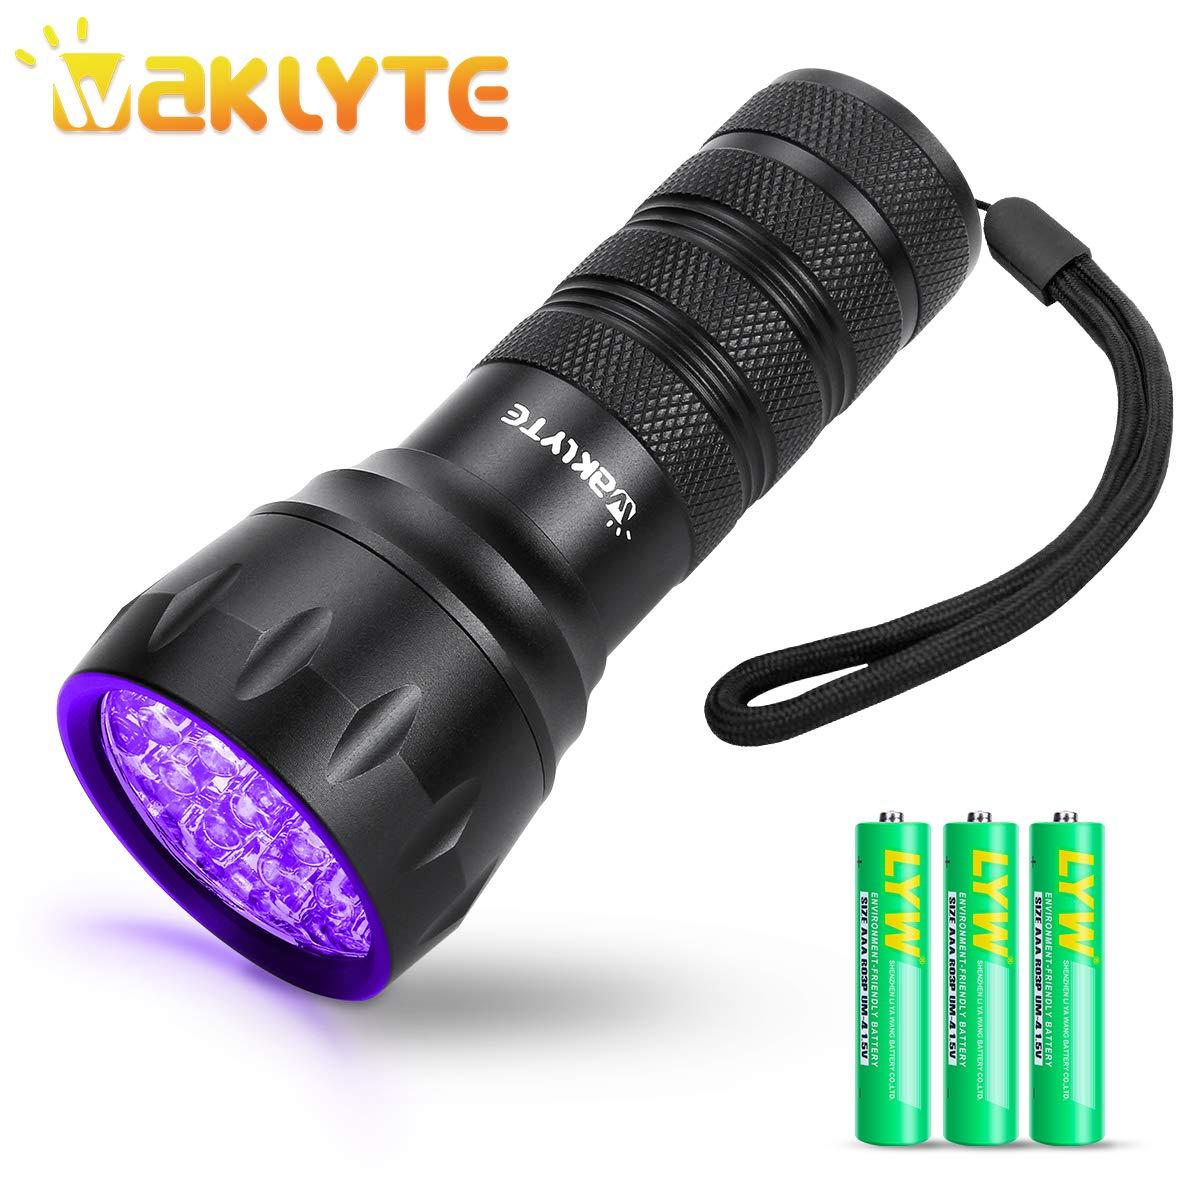 Waklyte Flashlight Ultraviolet Blacklight Detector